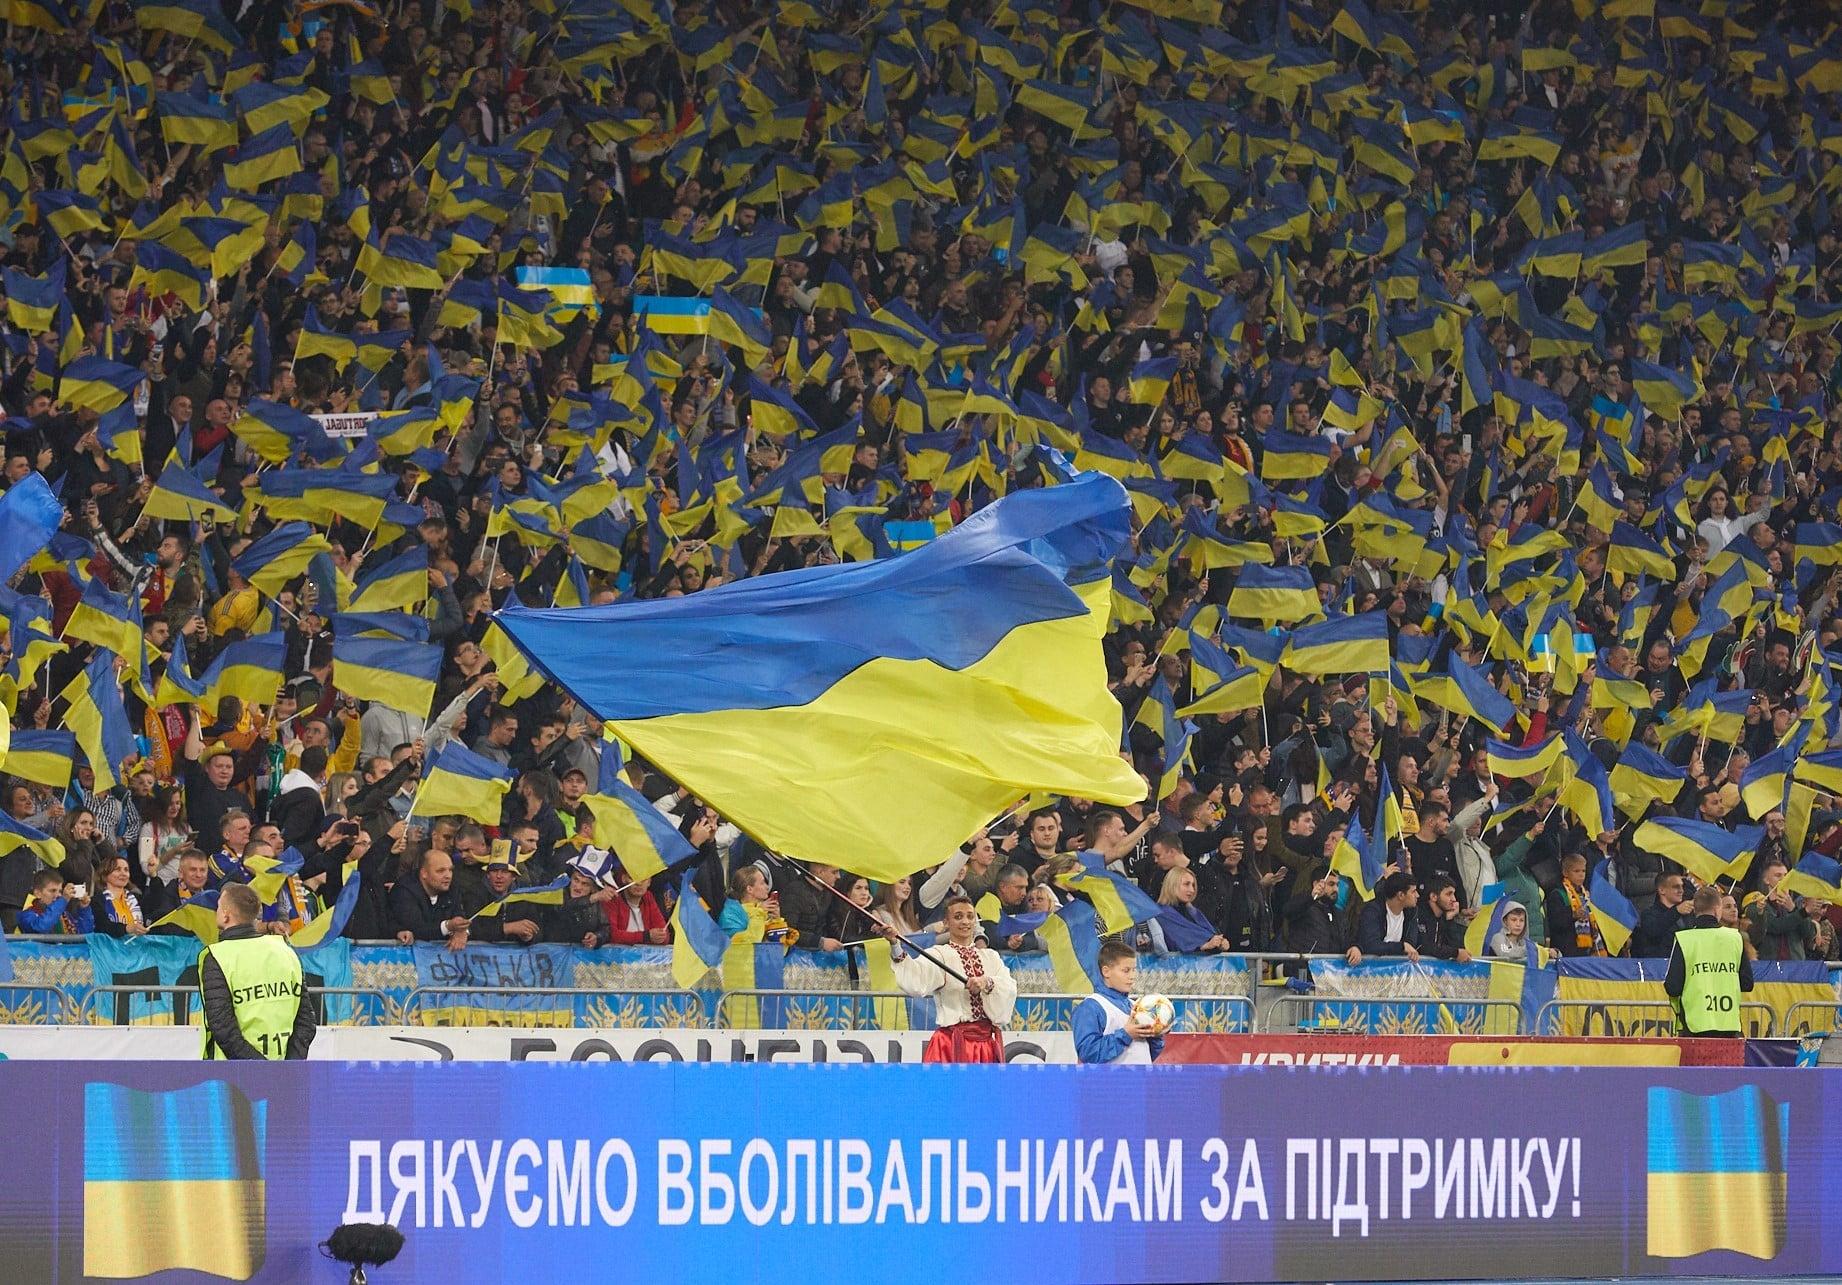 Лозунги Слава Украине! и Героям слава! получили официальный футбольный статус